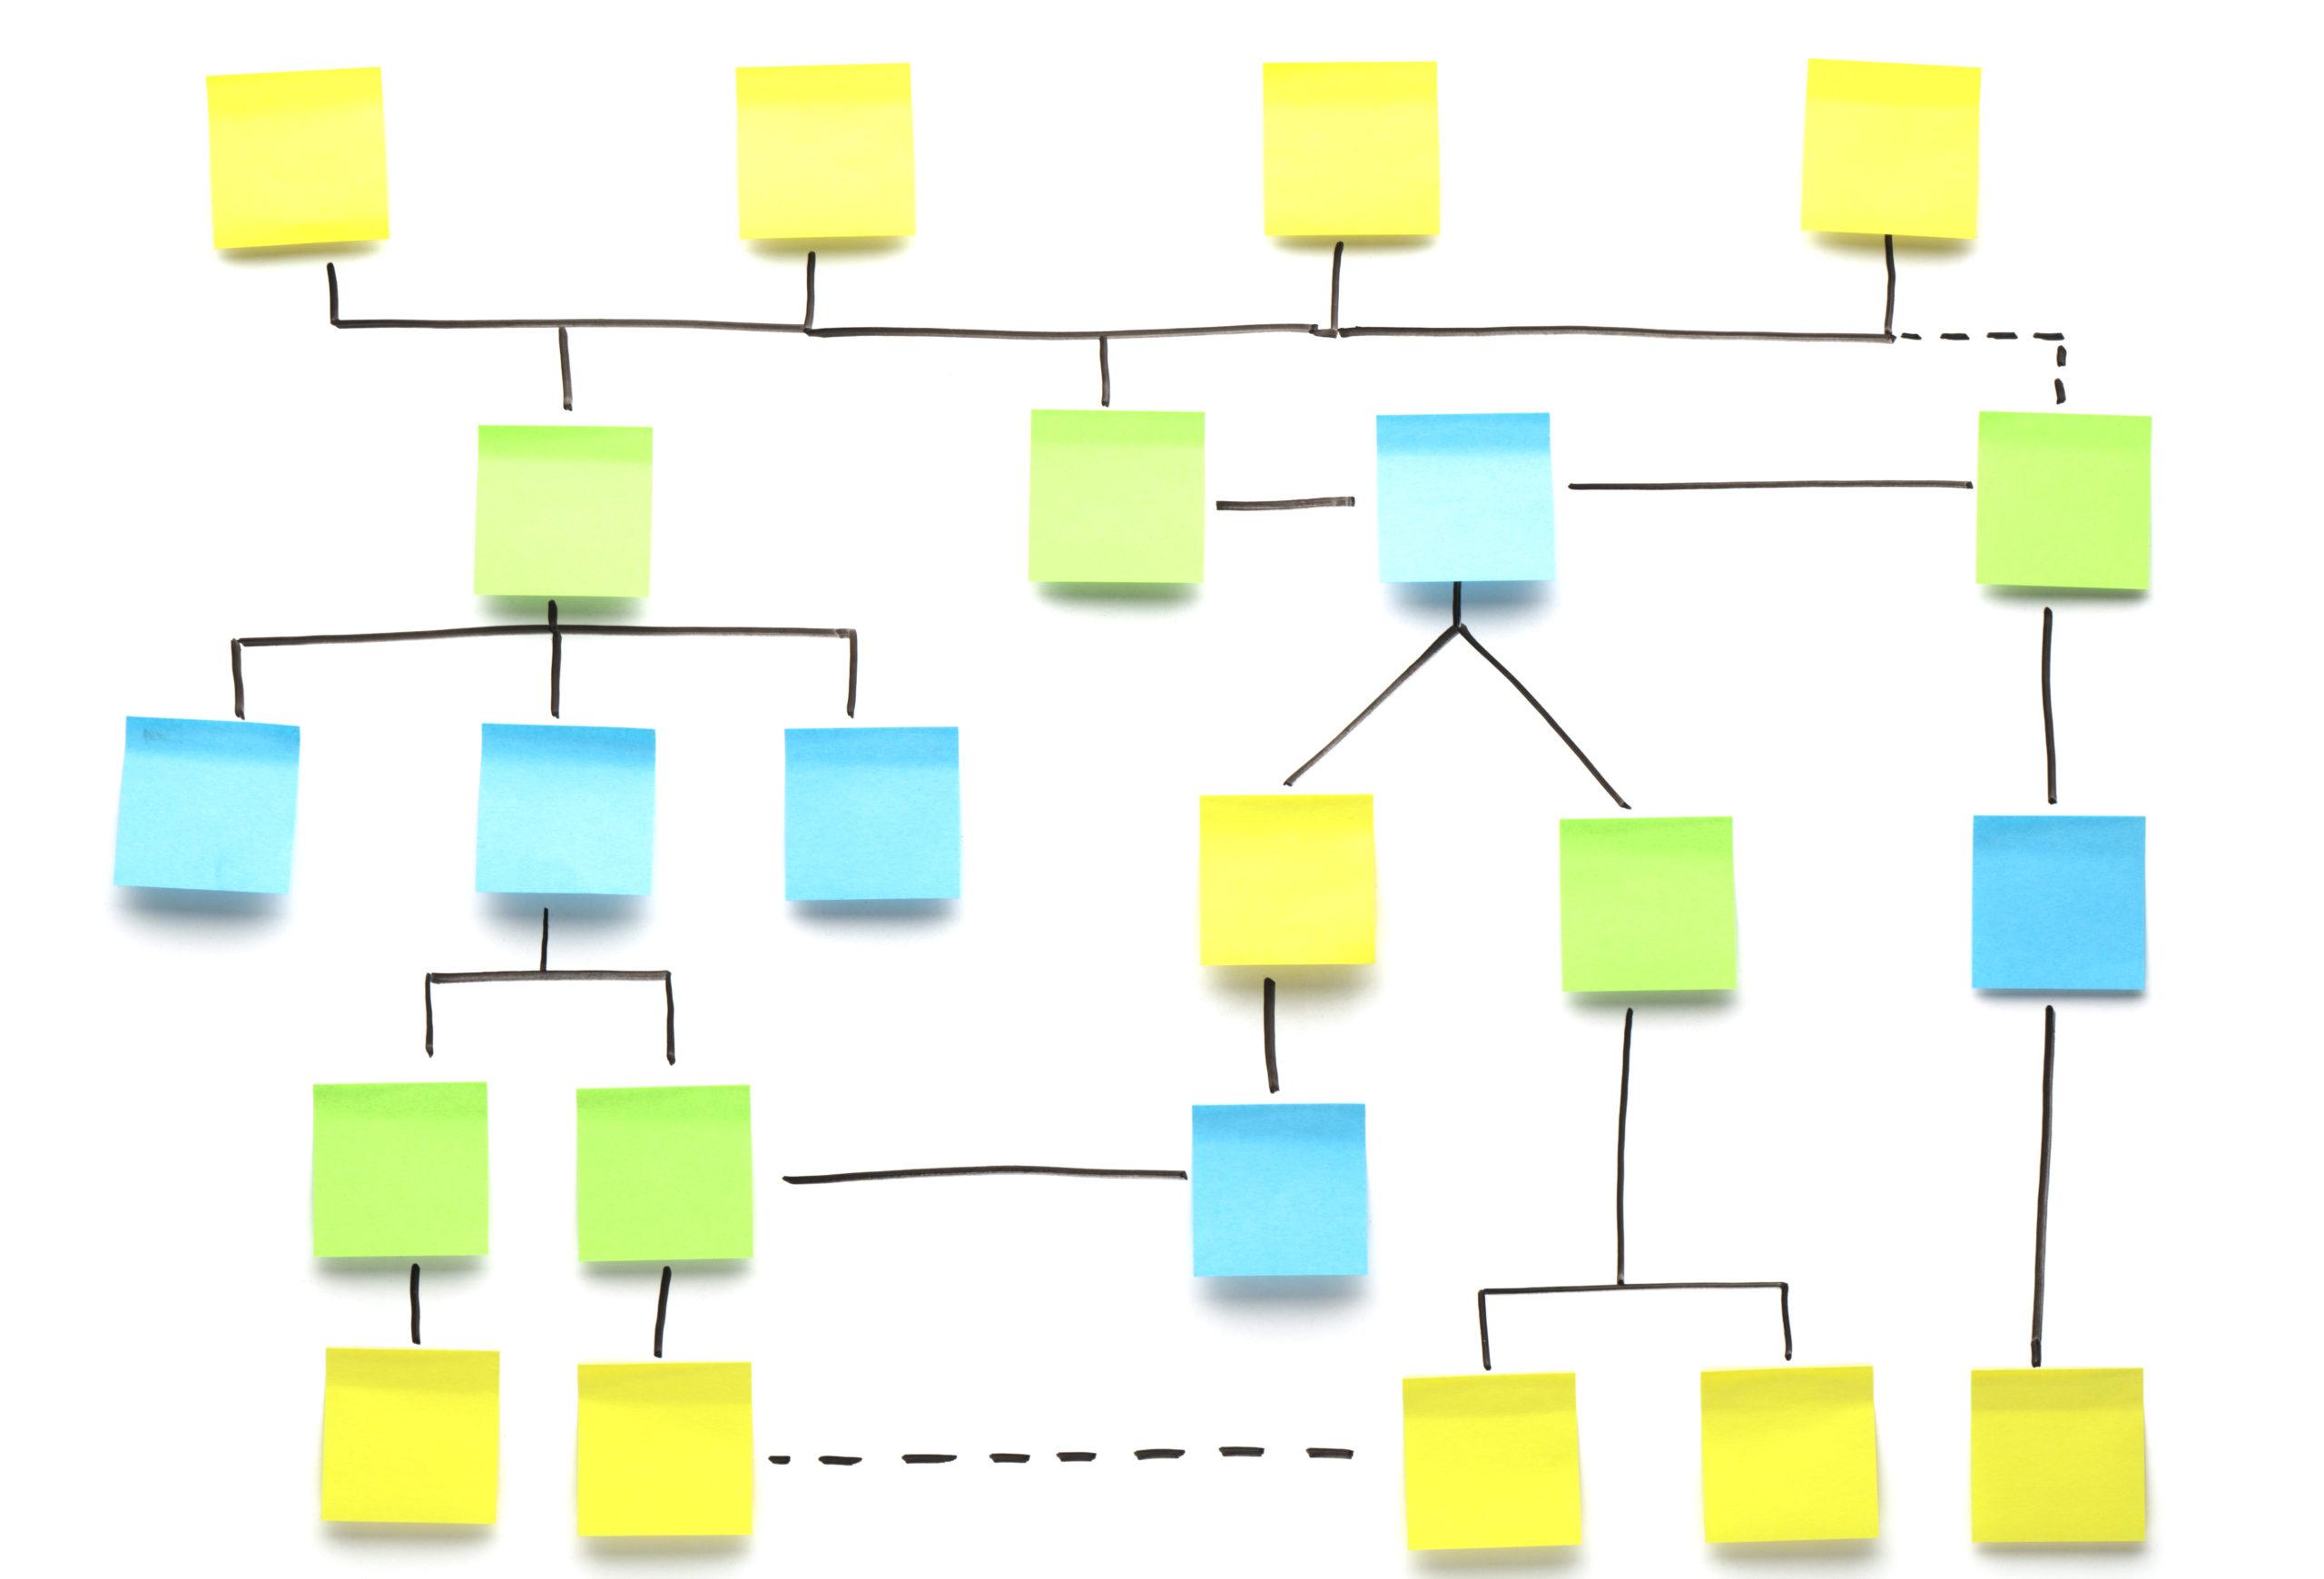 ikadia-blog-marketing-automation-entreprise2